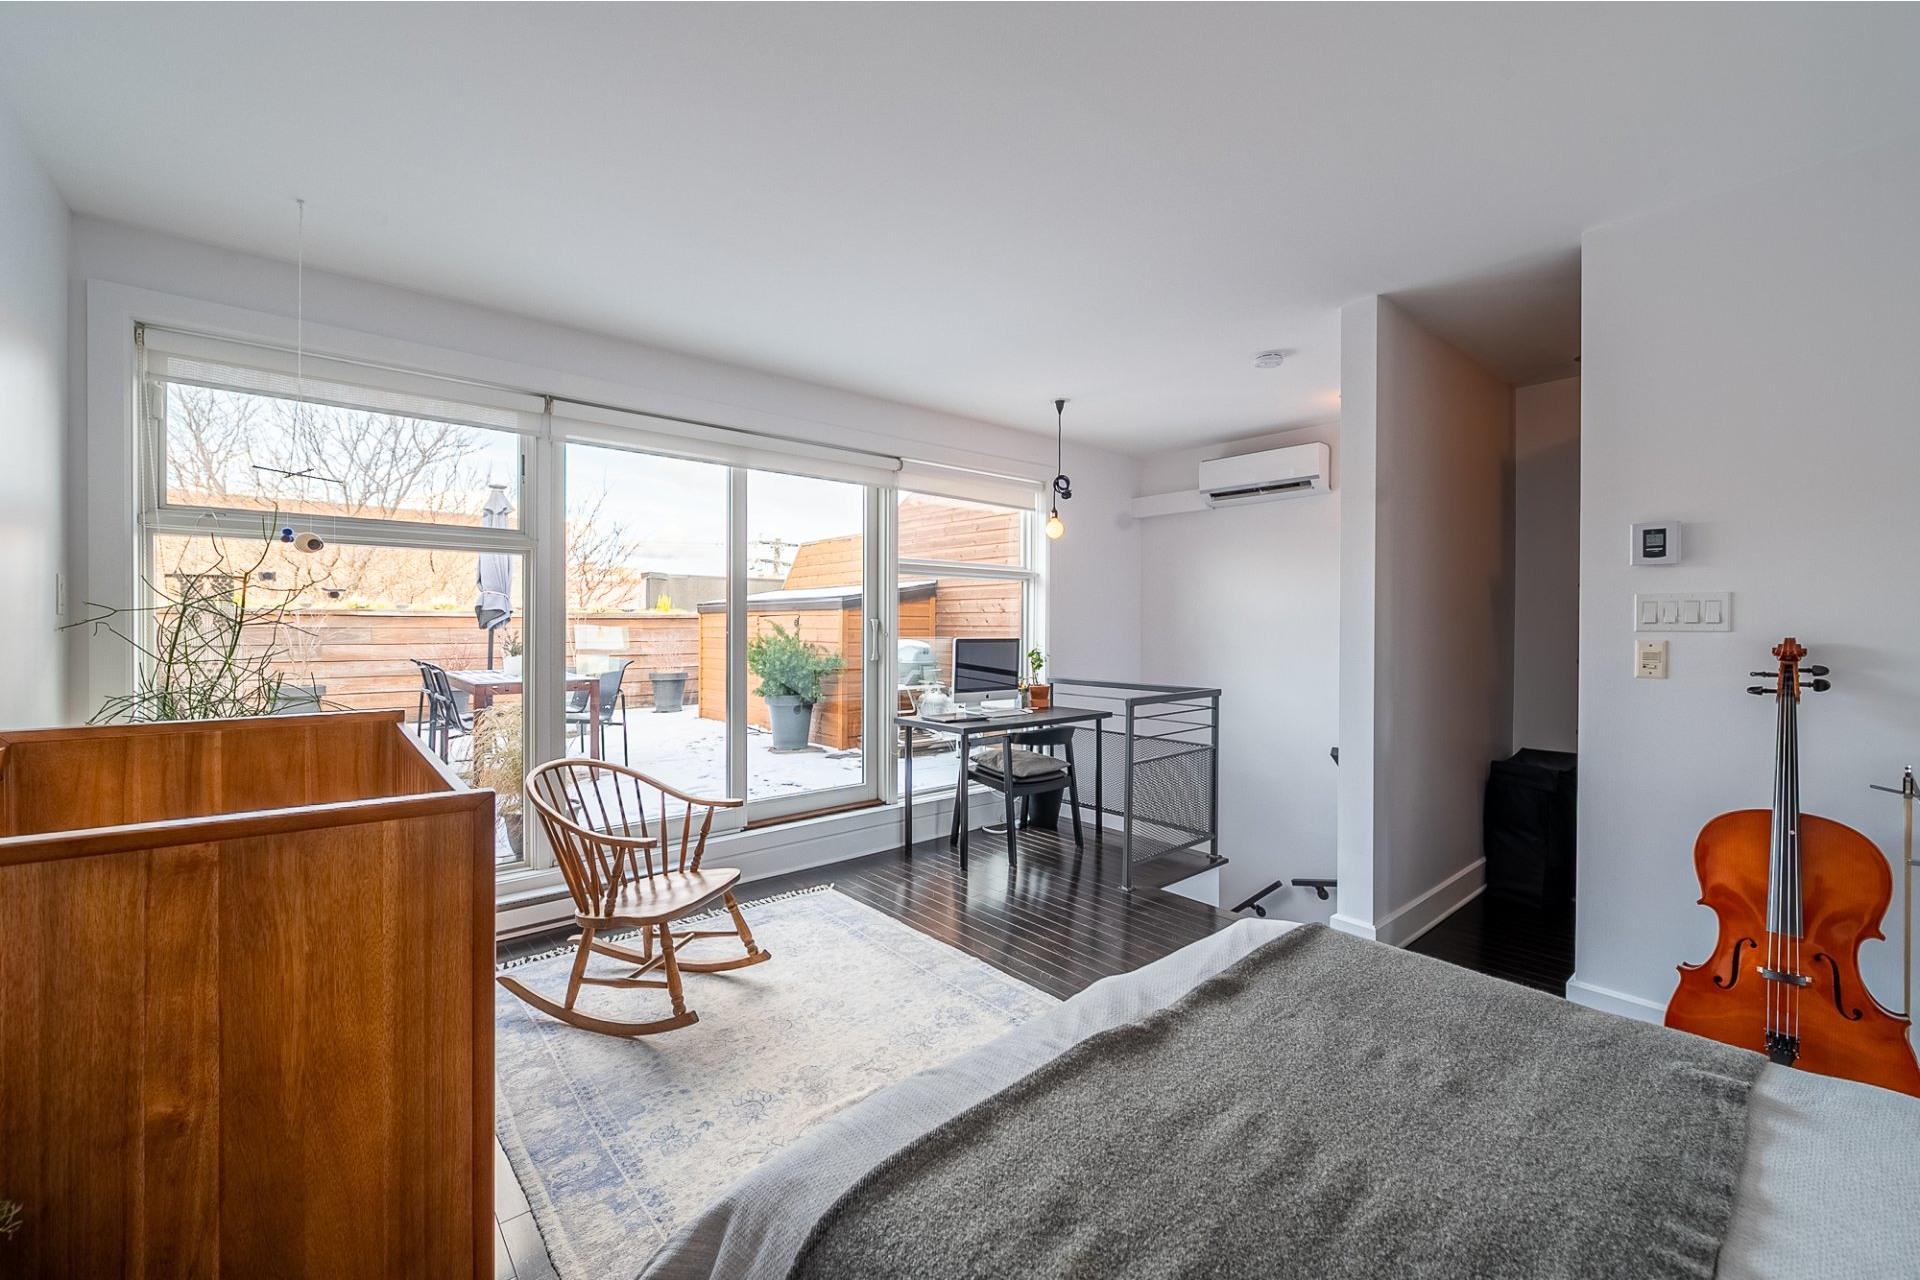 image 15 - Appartement À vendre Rosemont/La Petite-Patrie Montréal  - 5 pièces